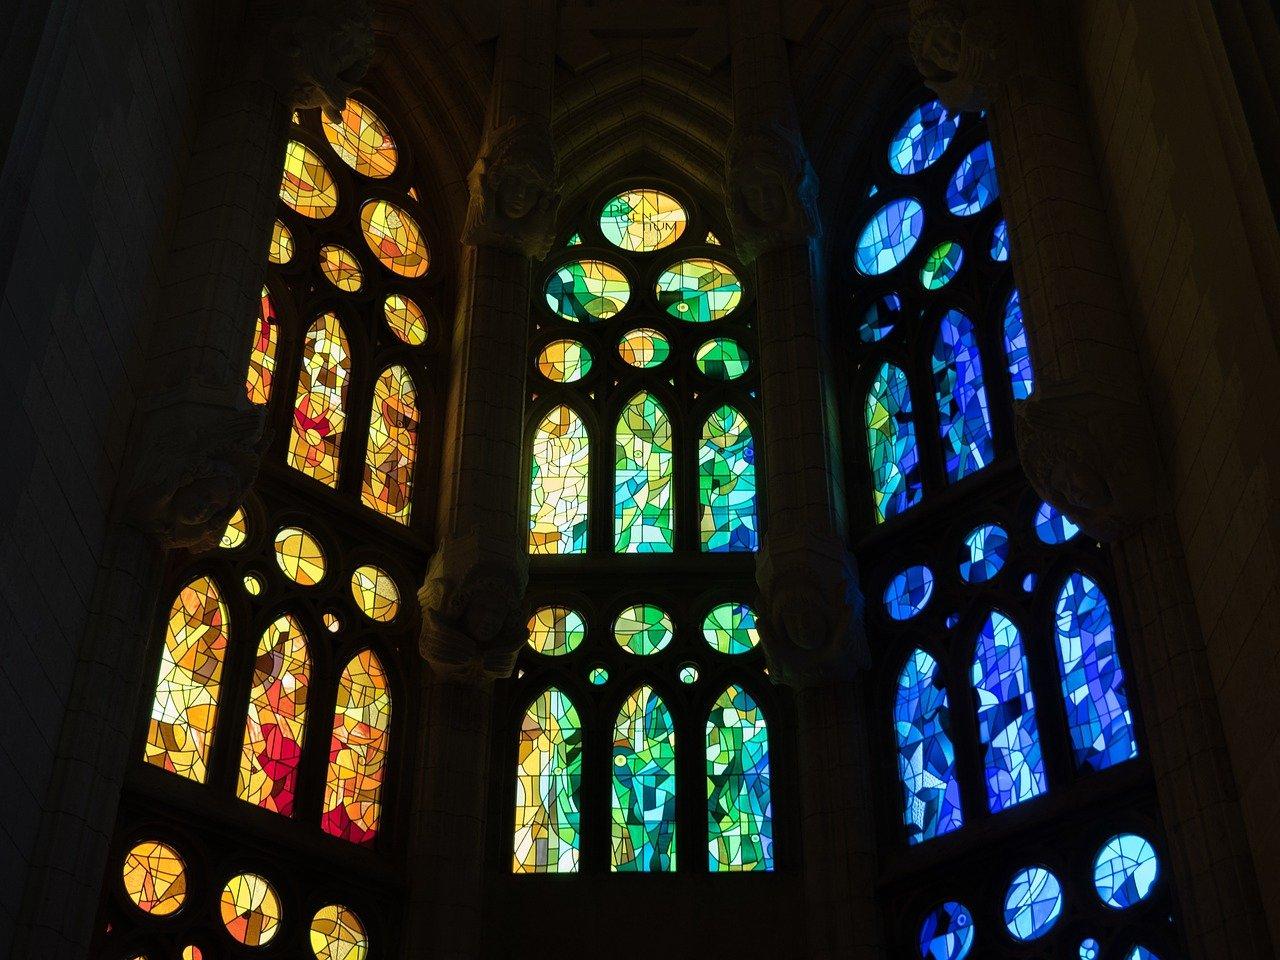 vidriera, catedral, sagrada familia